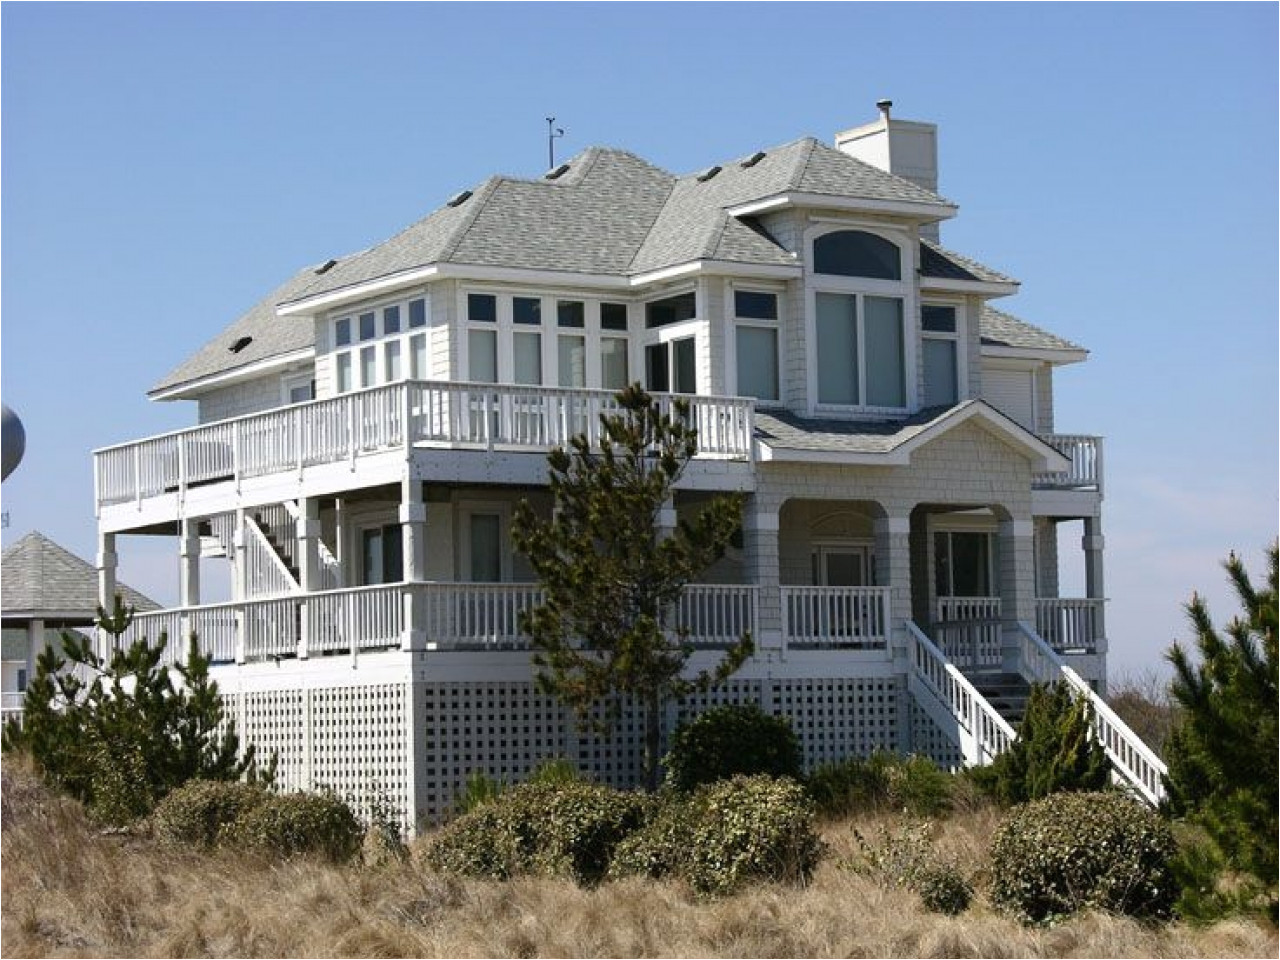 85692545103d2e81 2 story beach house plans 2 story beach house with deck